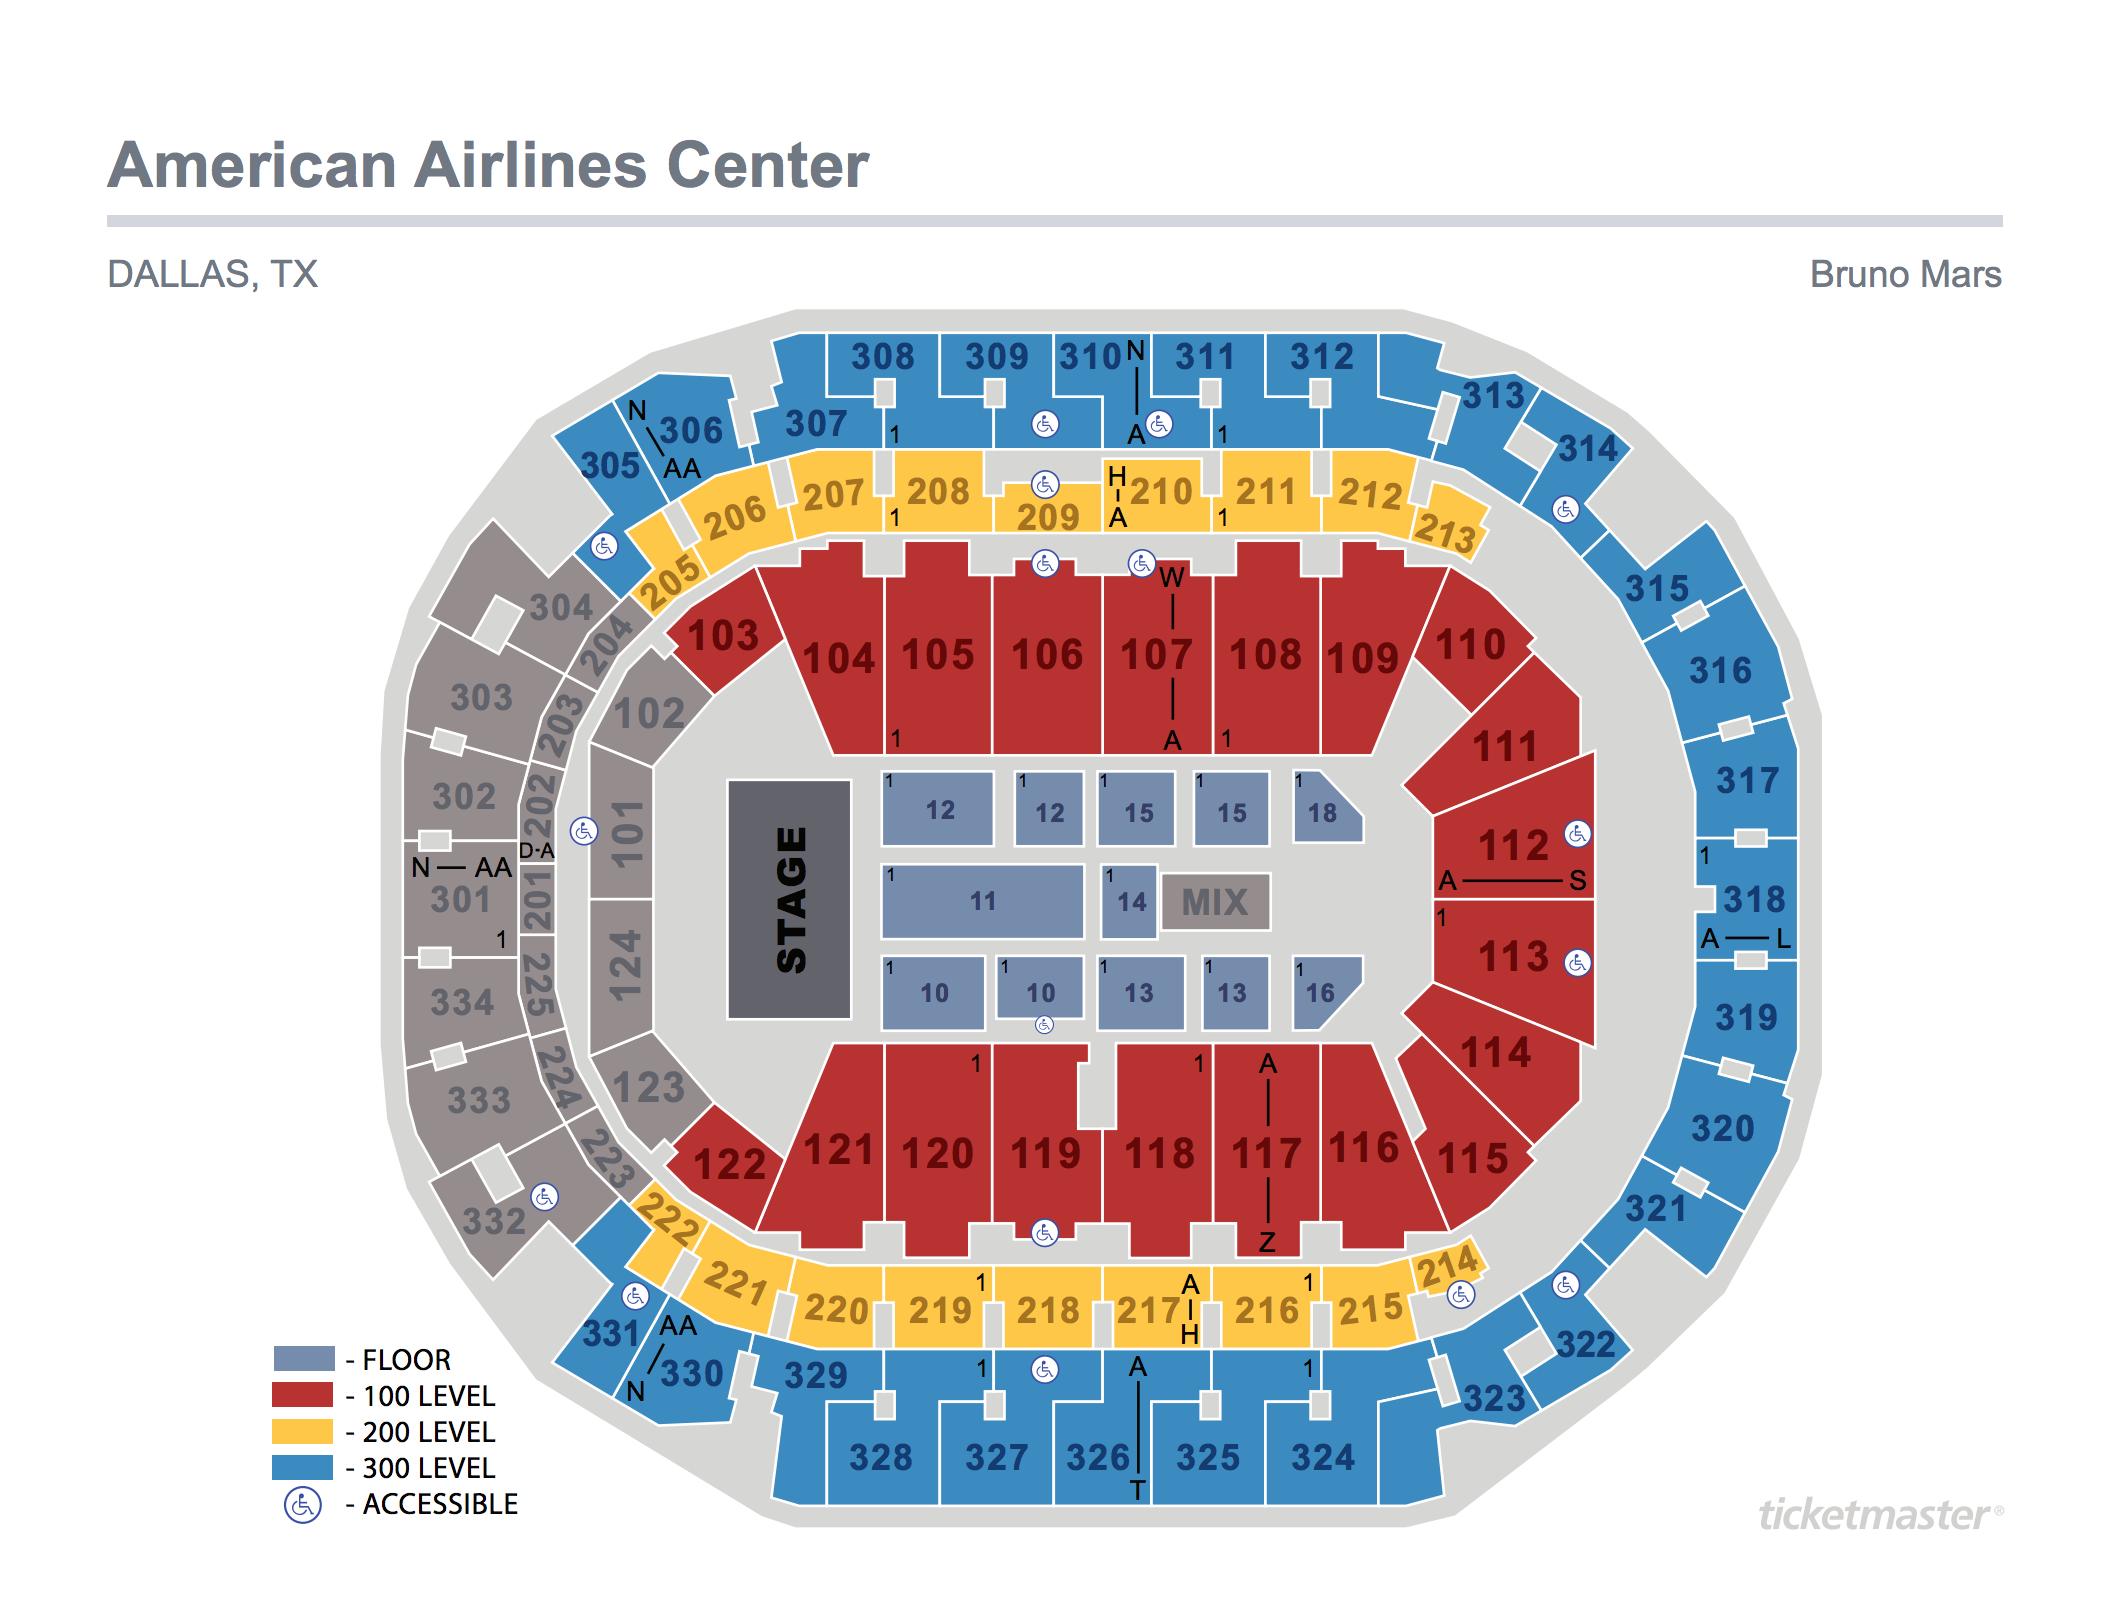 Bruno Mars Seating Map